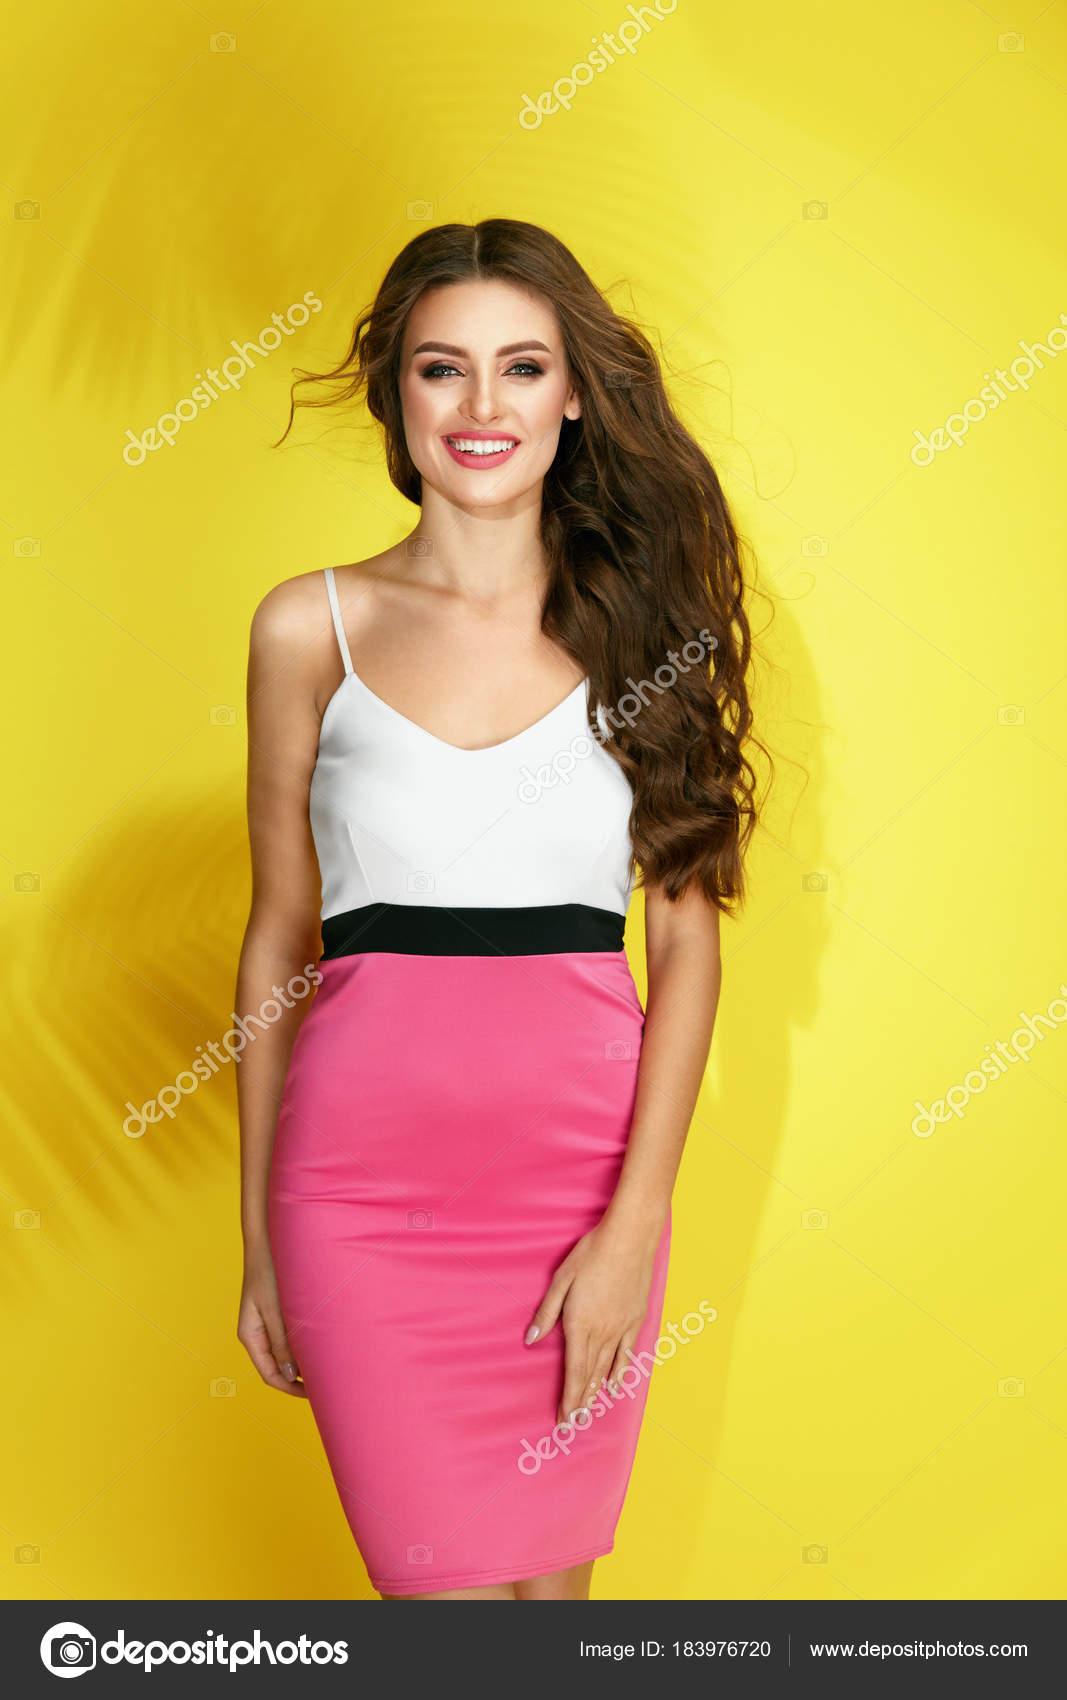 958de30d91 Divat-stílus. Divatos nyári ruha nő. Szép stílusos lány szexi színes  rózsaszín ruhában, hosszú göndör haj és a szépség és a smink sárga háttéren.